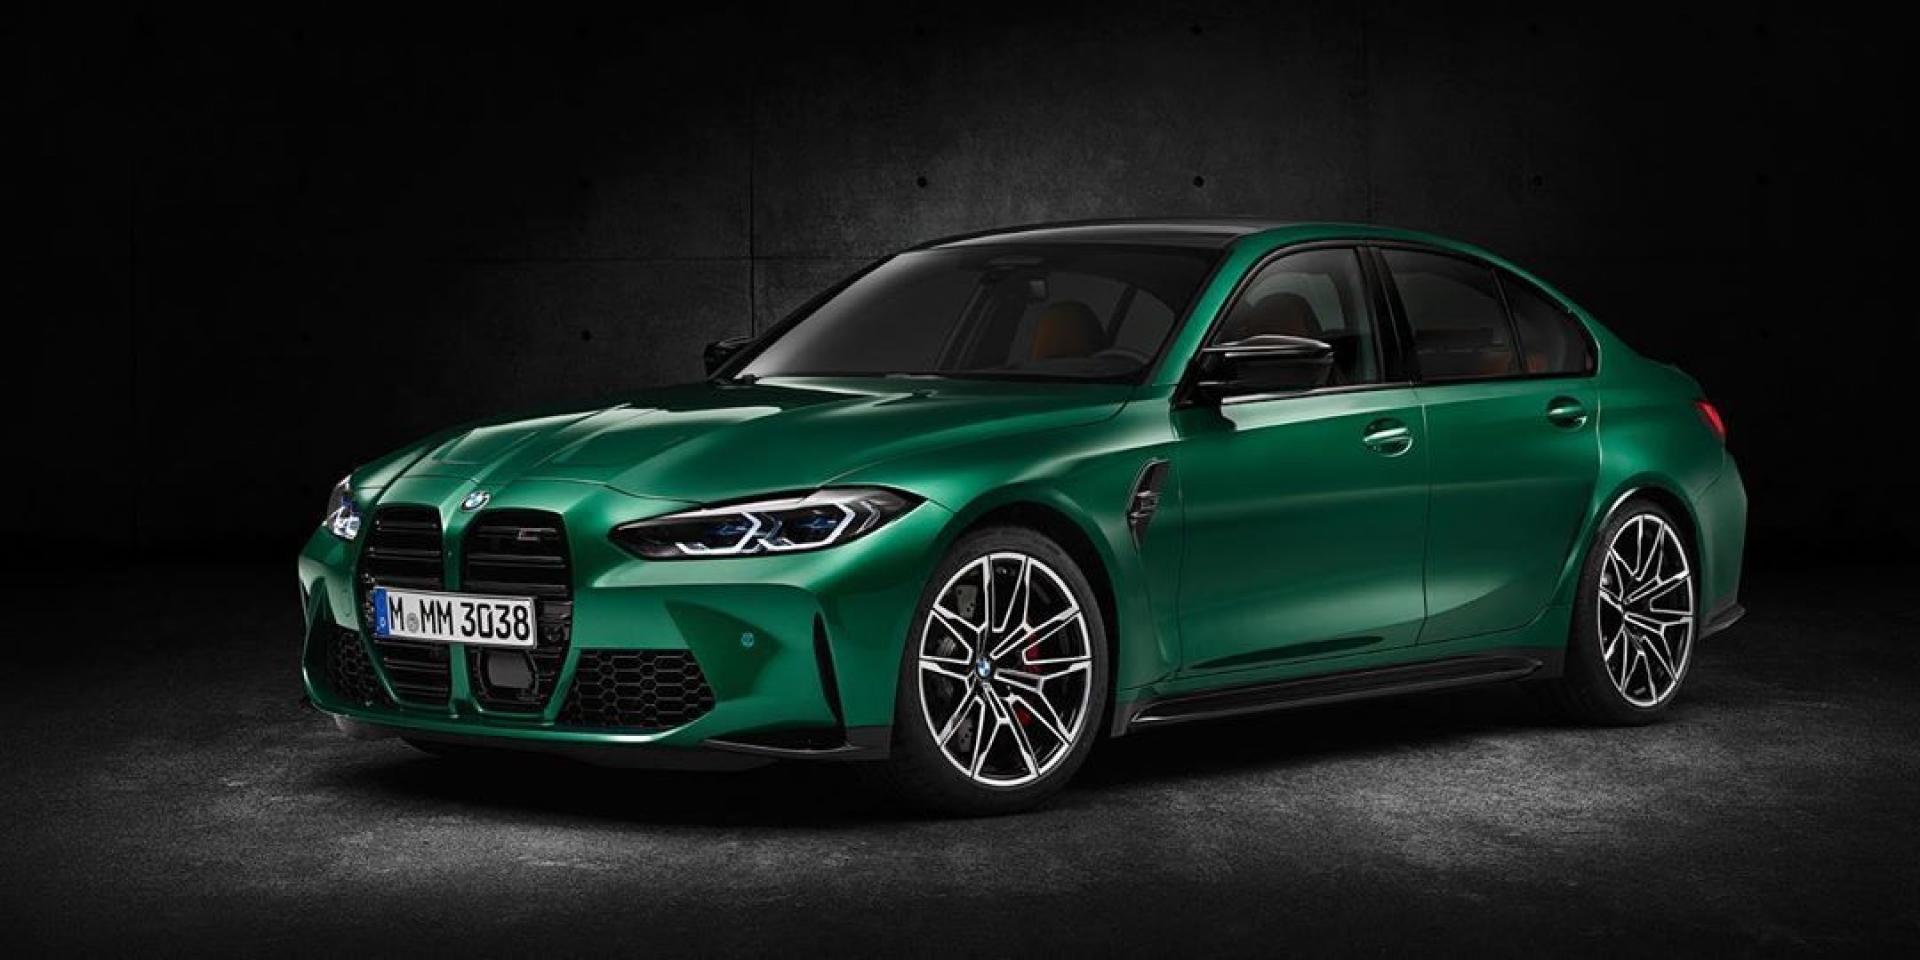 大鼻孔風潮!BMW歷代M3如果換上大鼻孔會是什麼樣子?